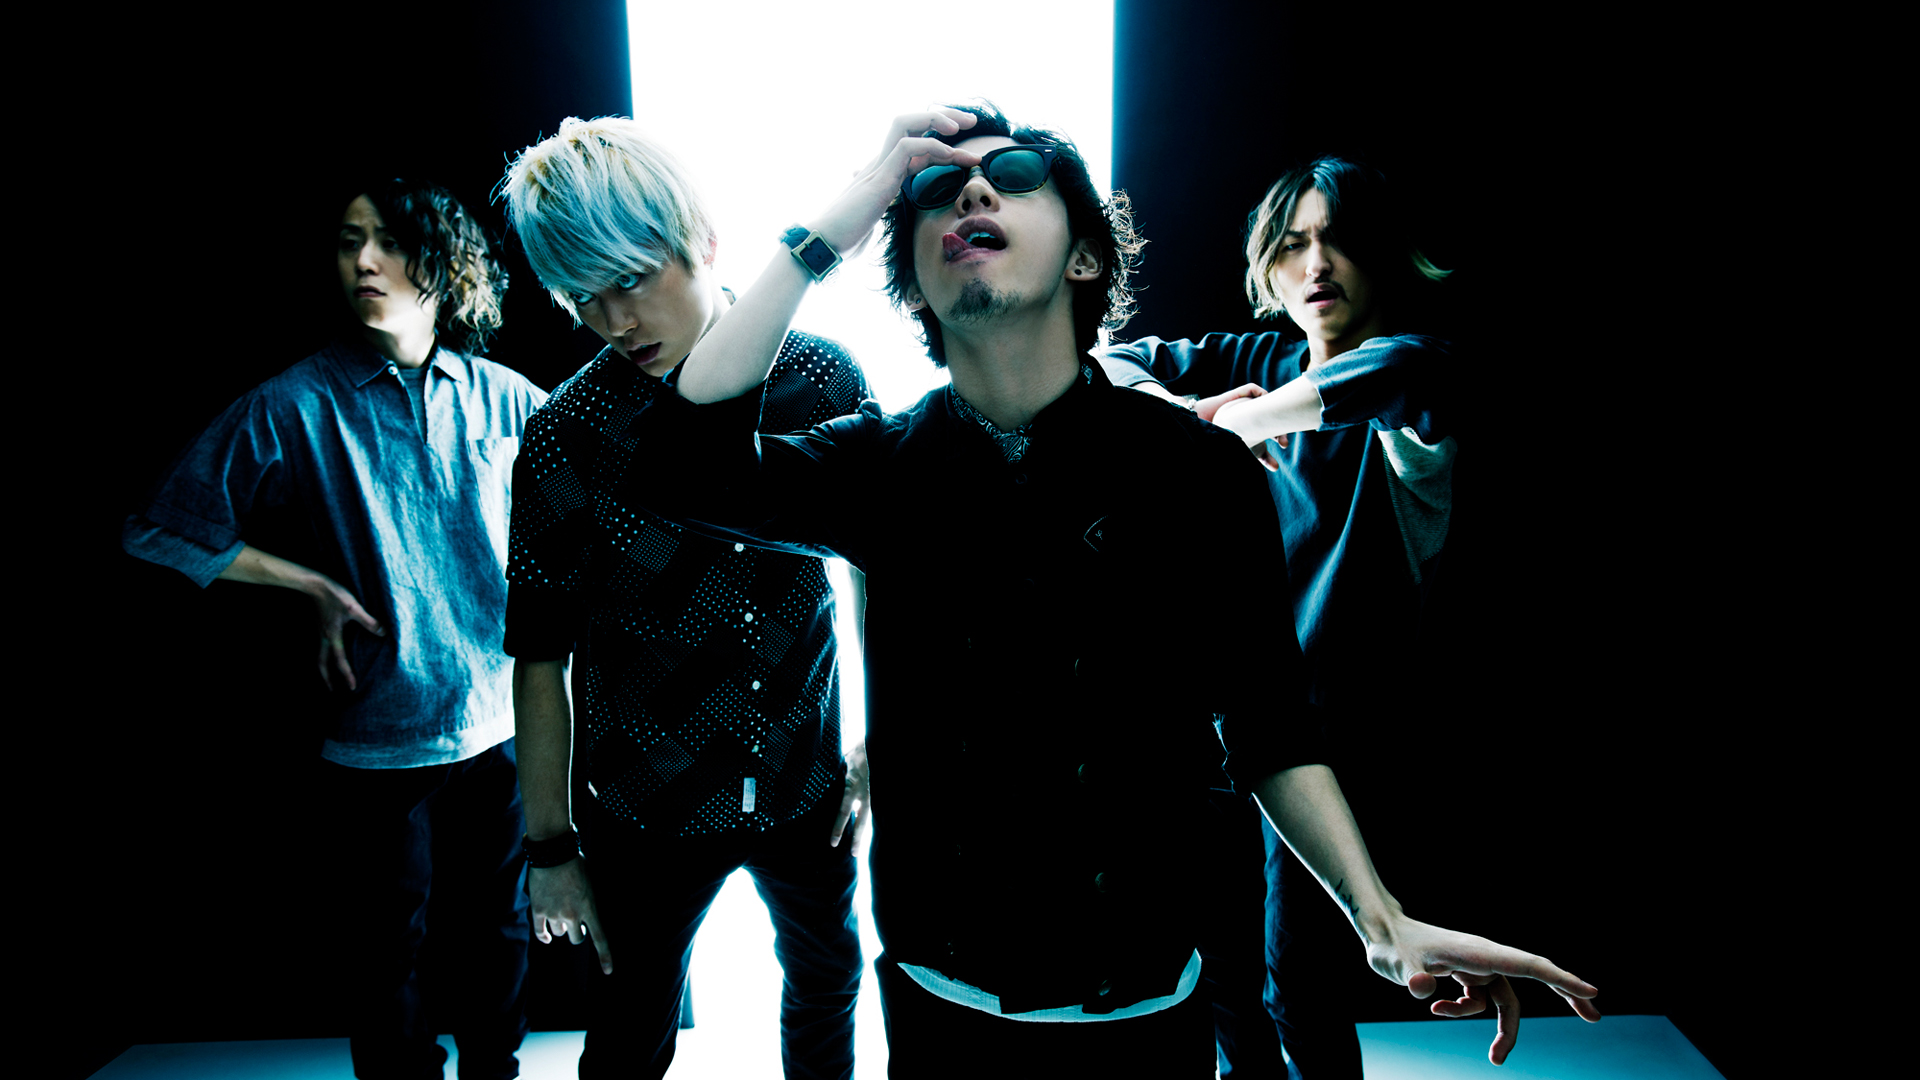 ONE OK ROCK   Music fanart   fanart  HD Wallpaper